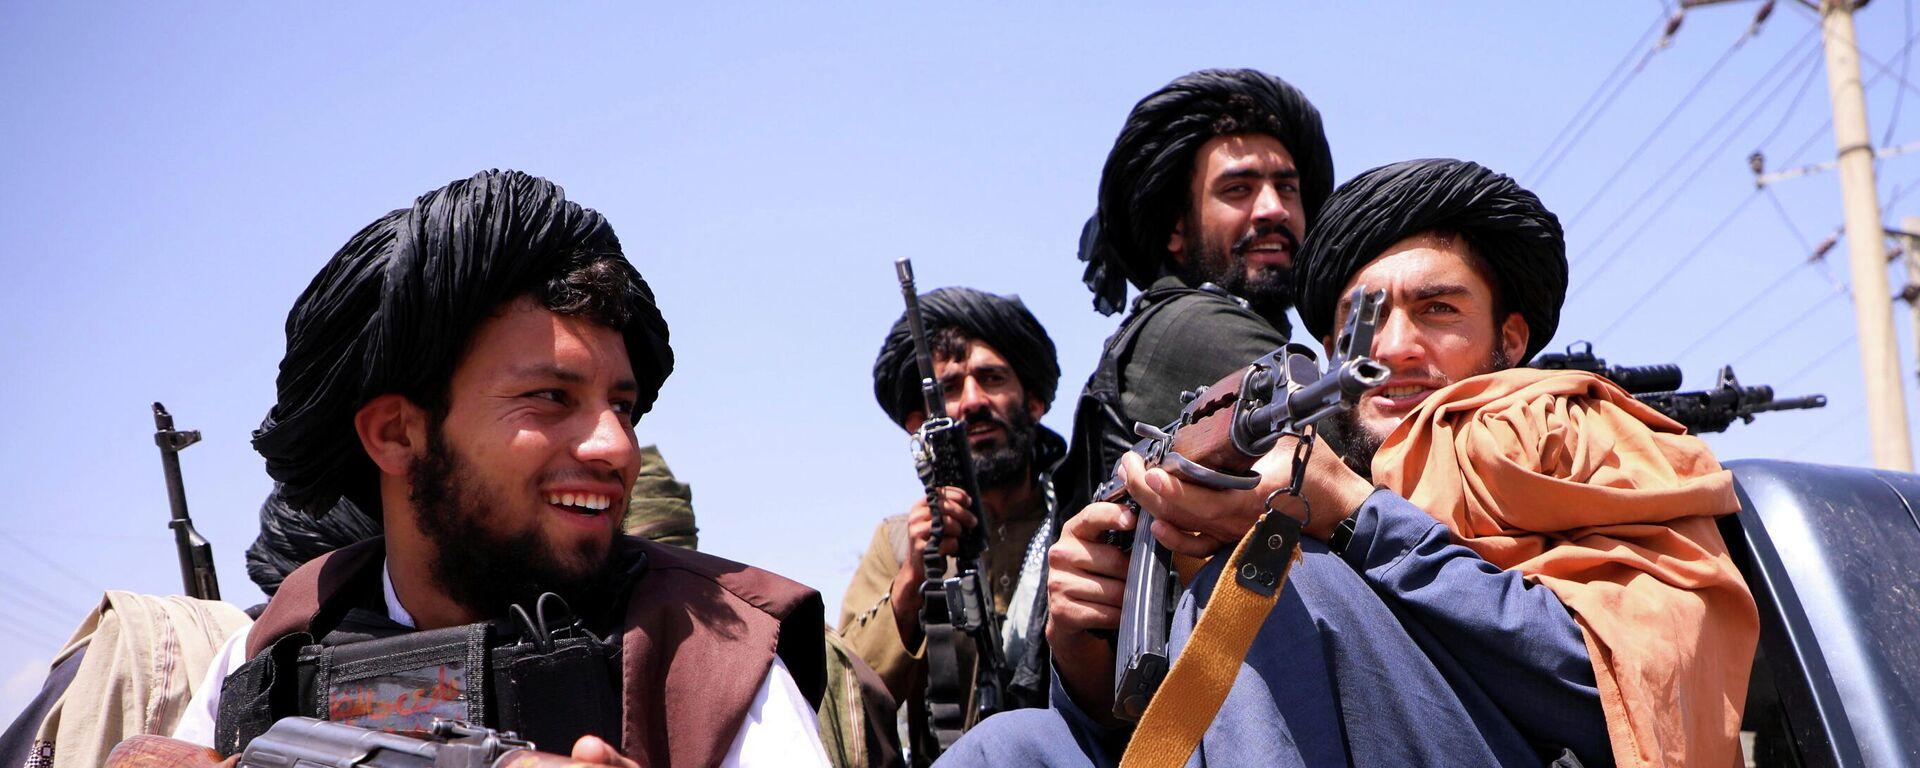 Taliban-Kämpfer - SNA, 1920, 02.10.2021